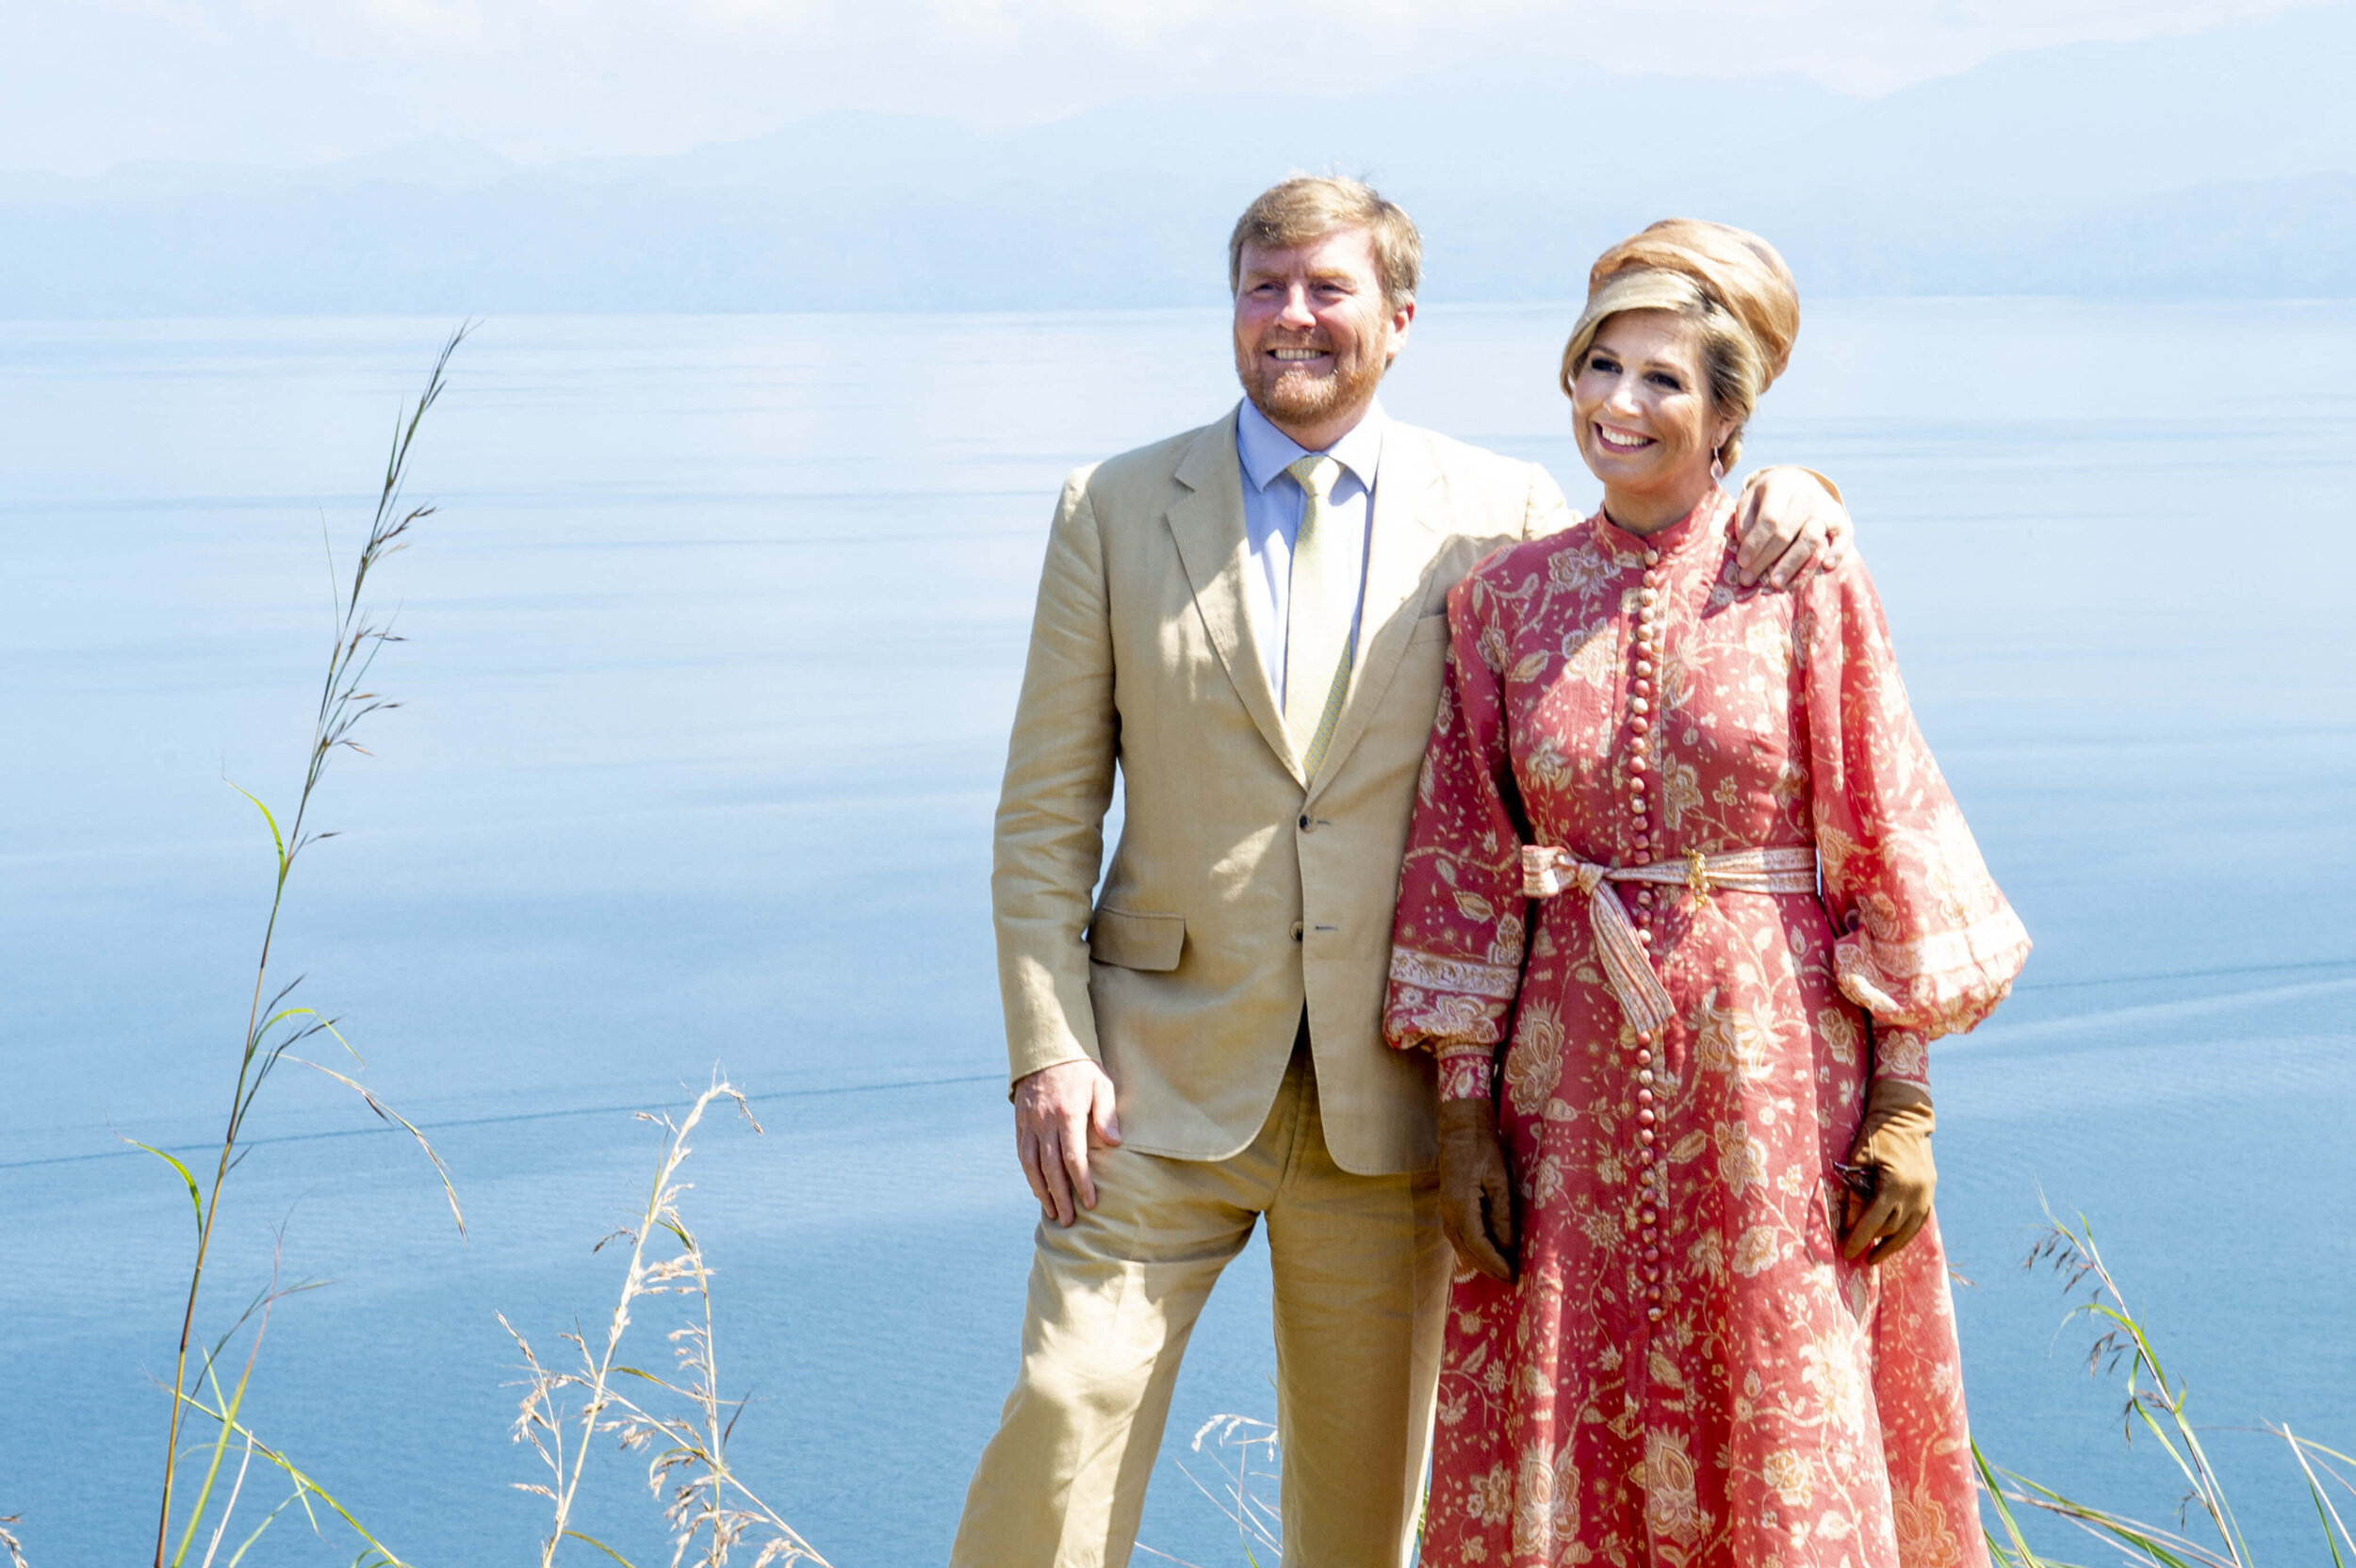 König Willem-Alexander und Königin Maxima besuchten diese Woche trotz Coronakrise Indonesien.  © picture alliance / abaca